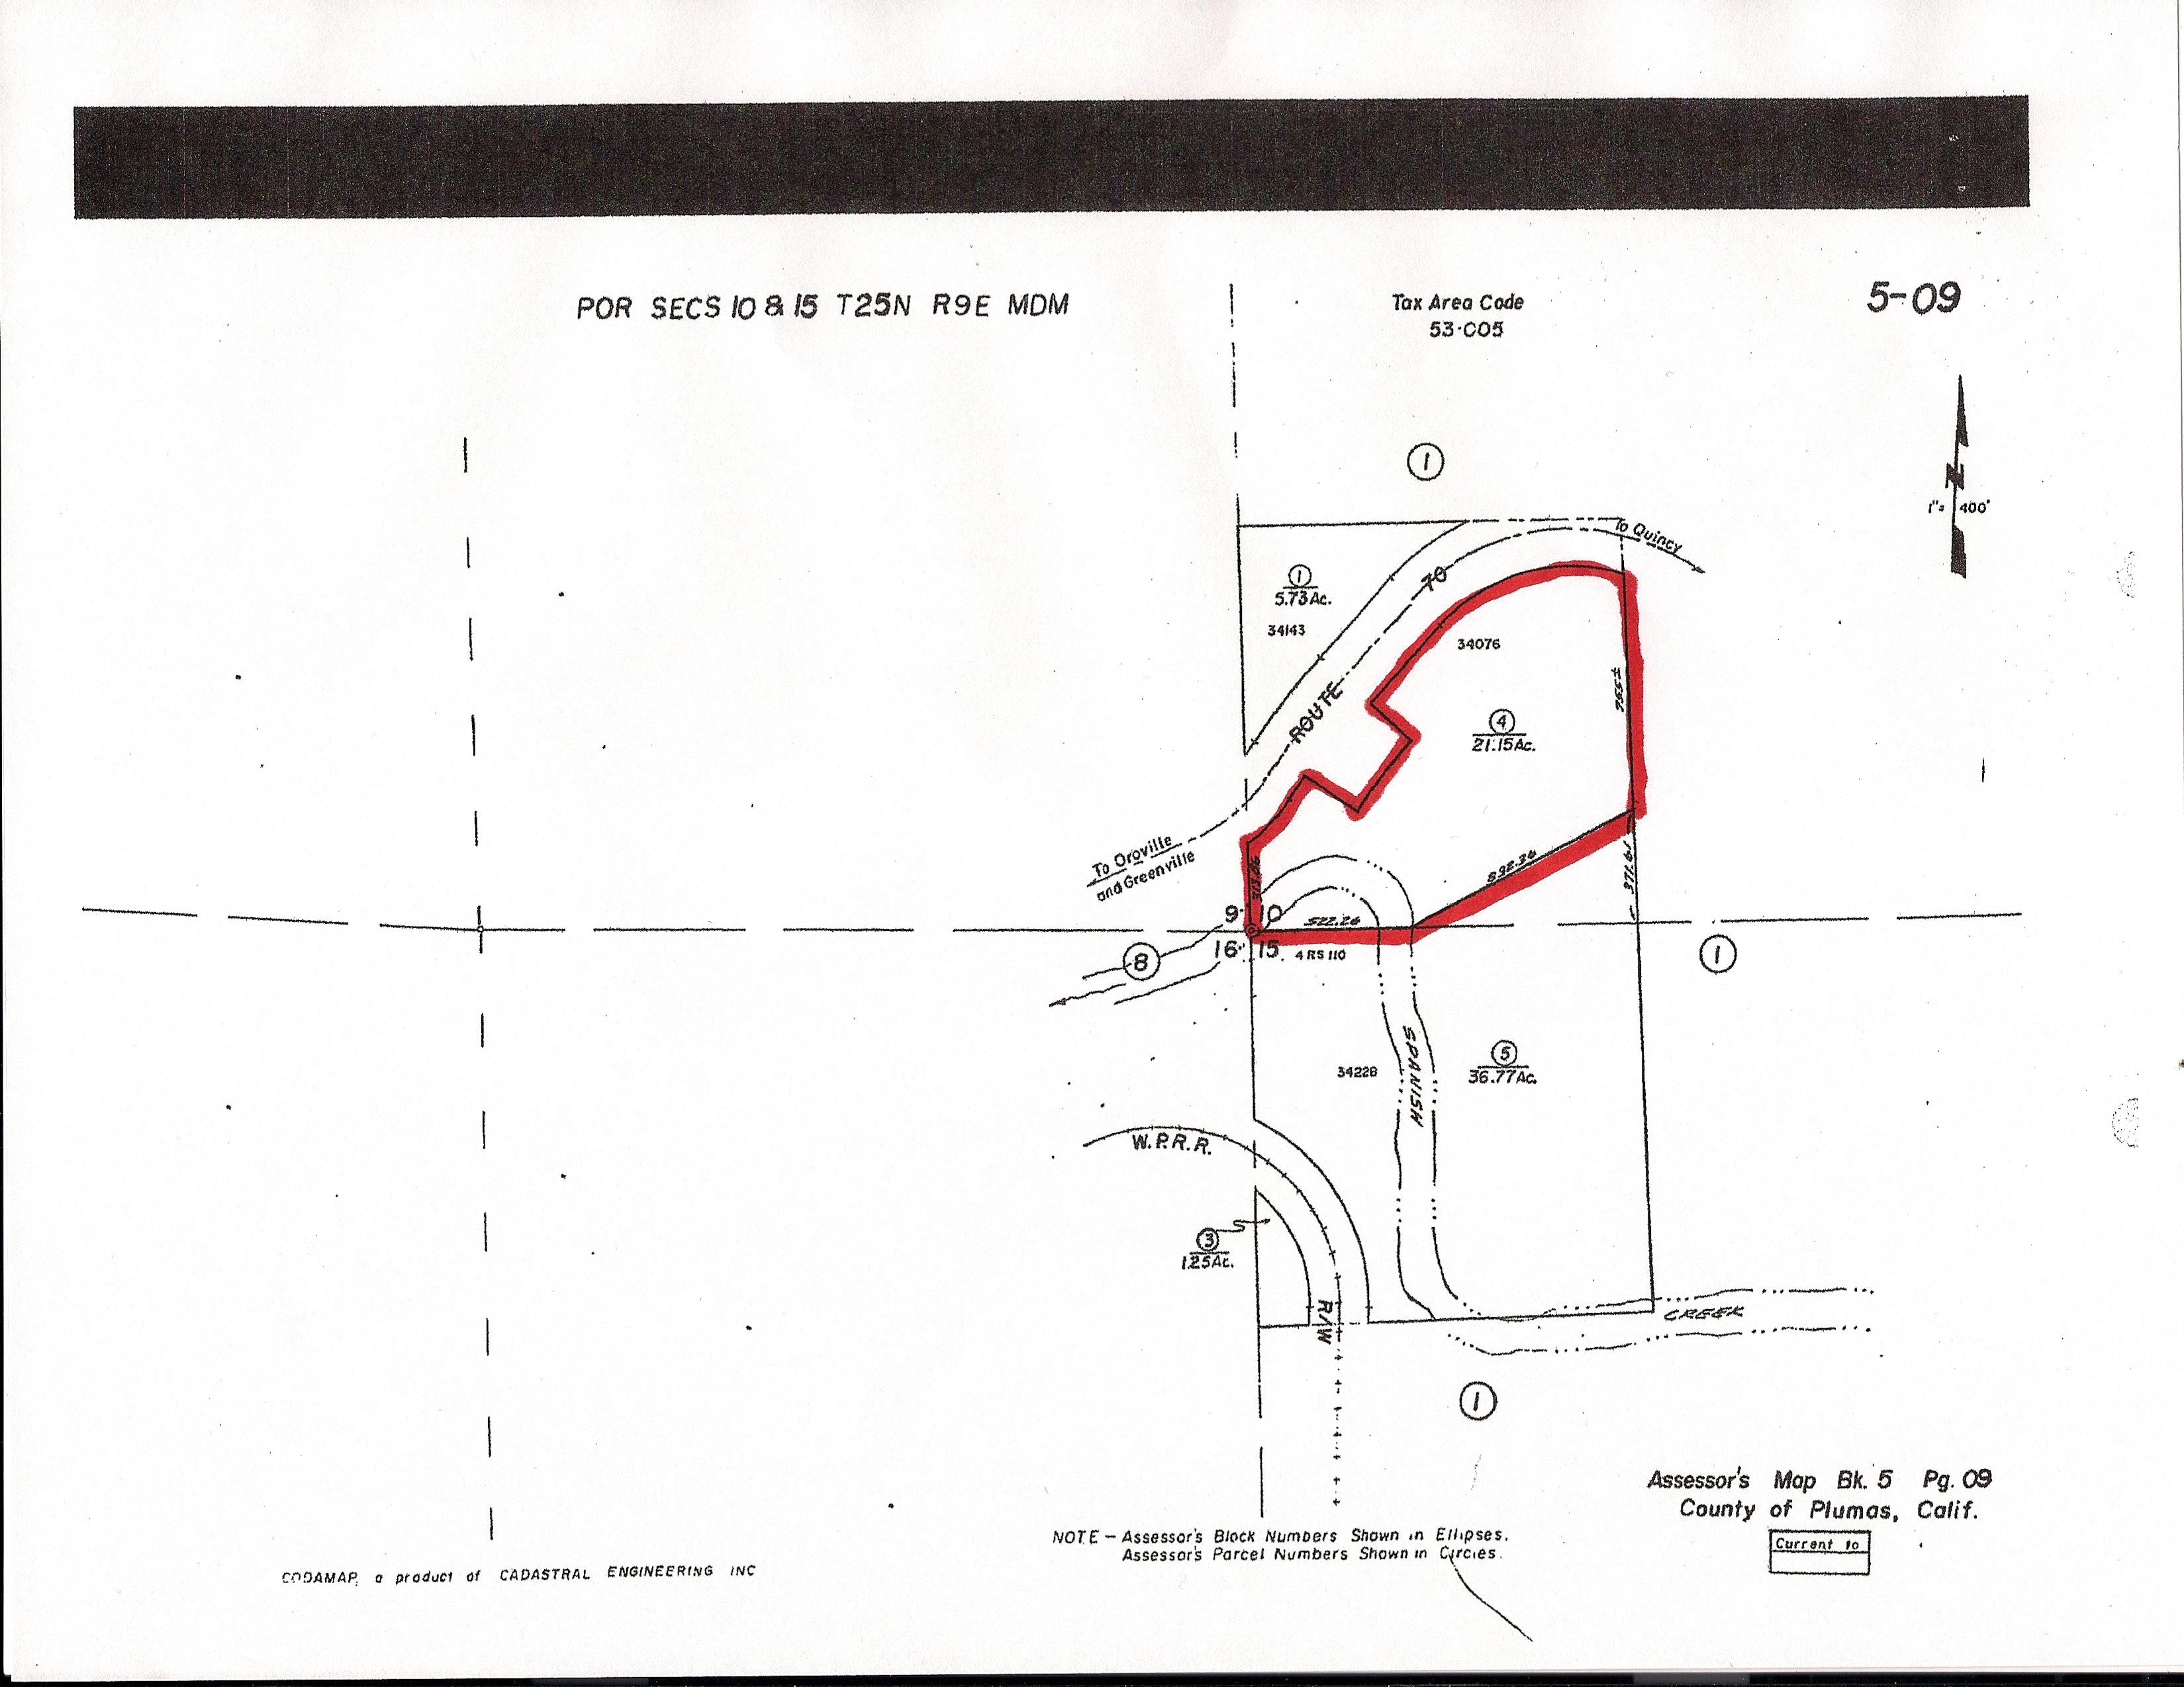 Ca Hwy 120 Map